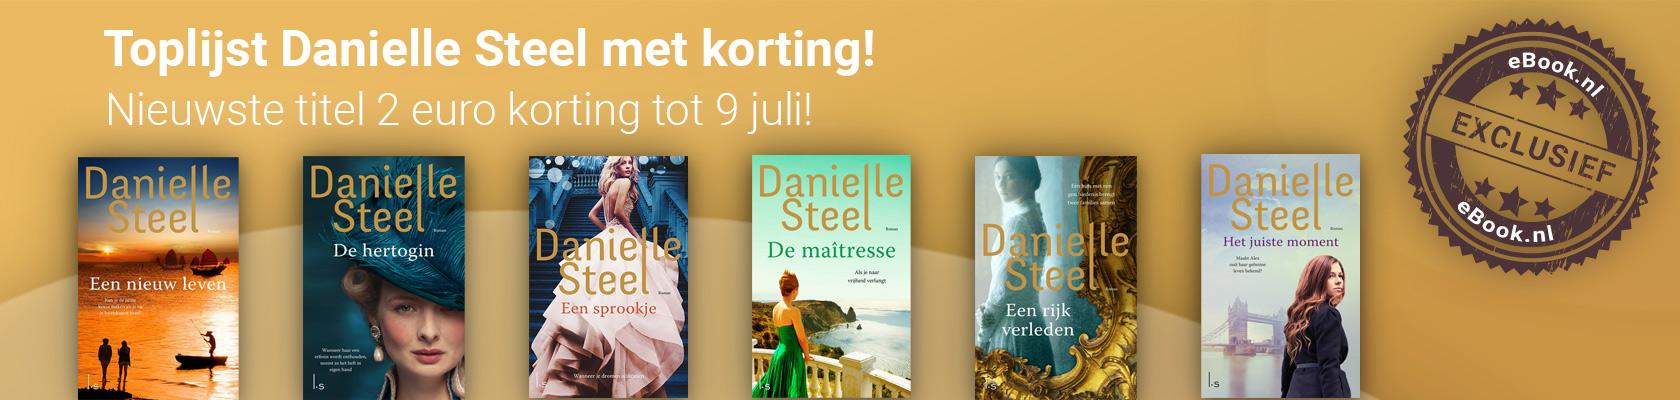 Exclusief bij eBook.nl toplijst Danielle Steel met korting